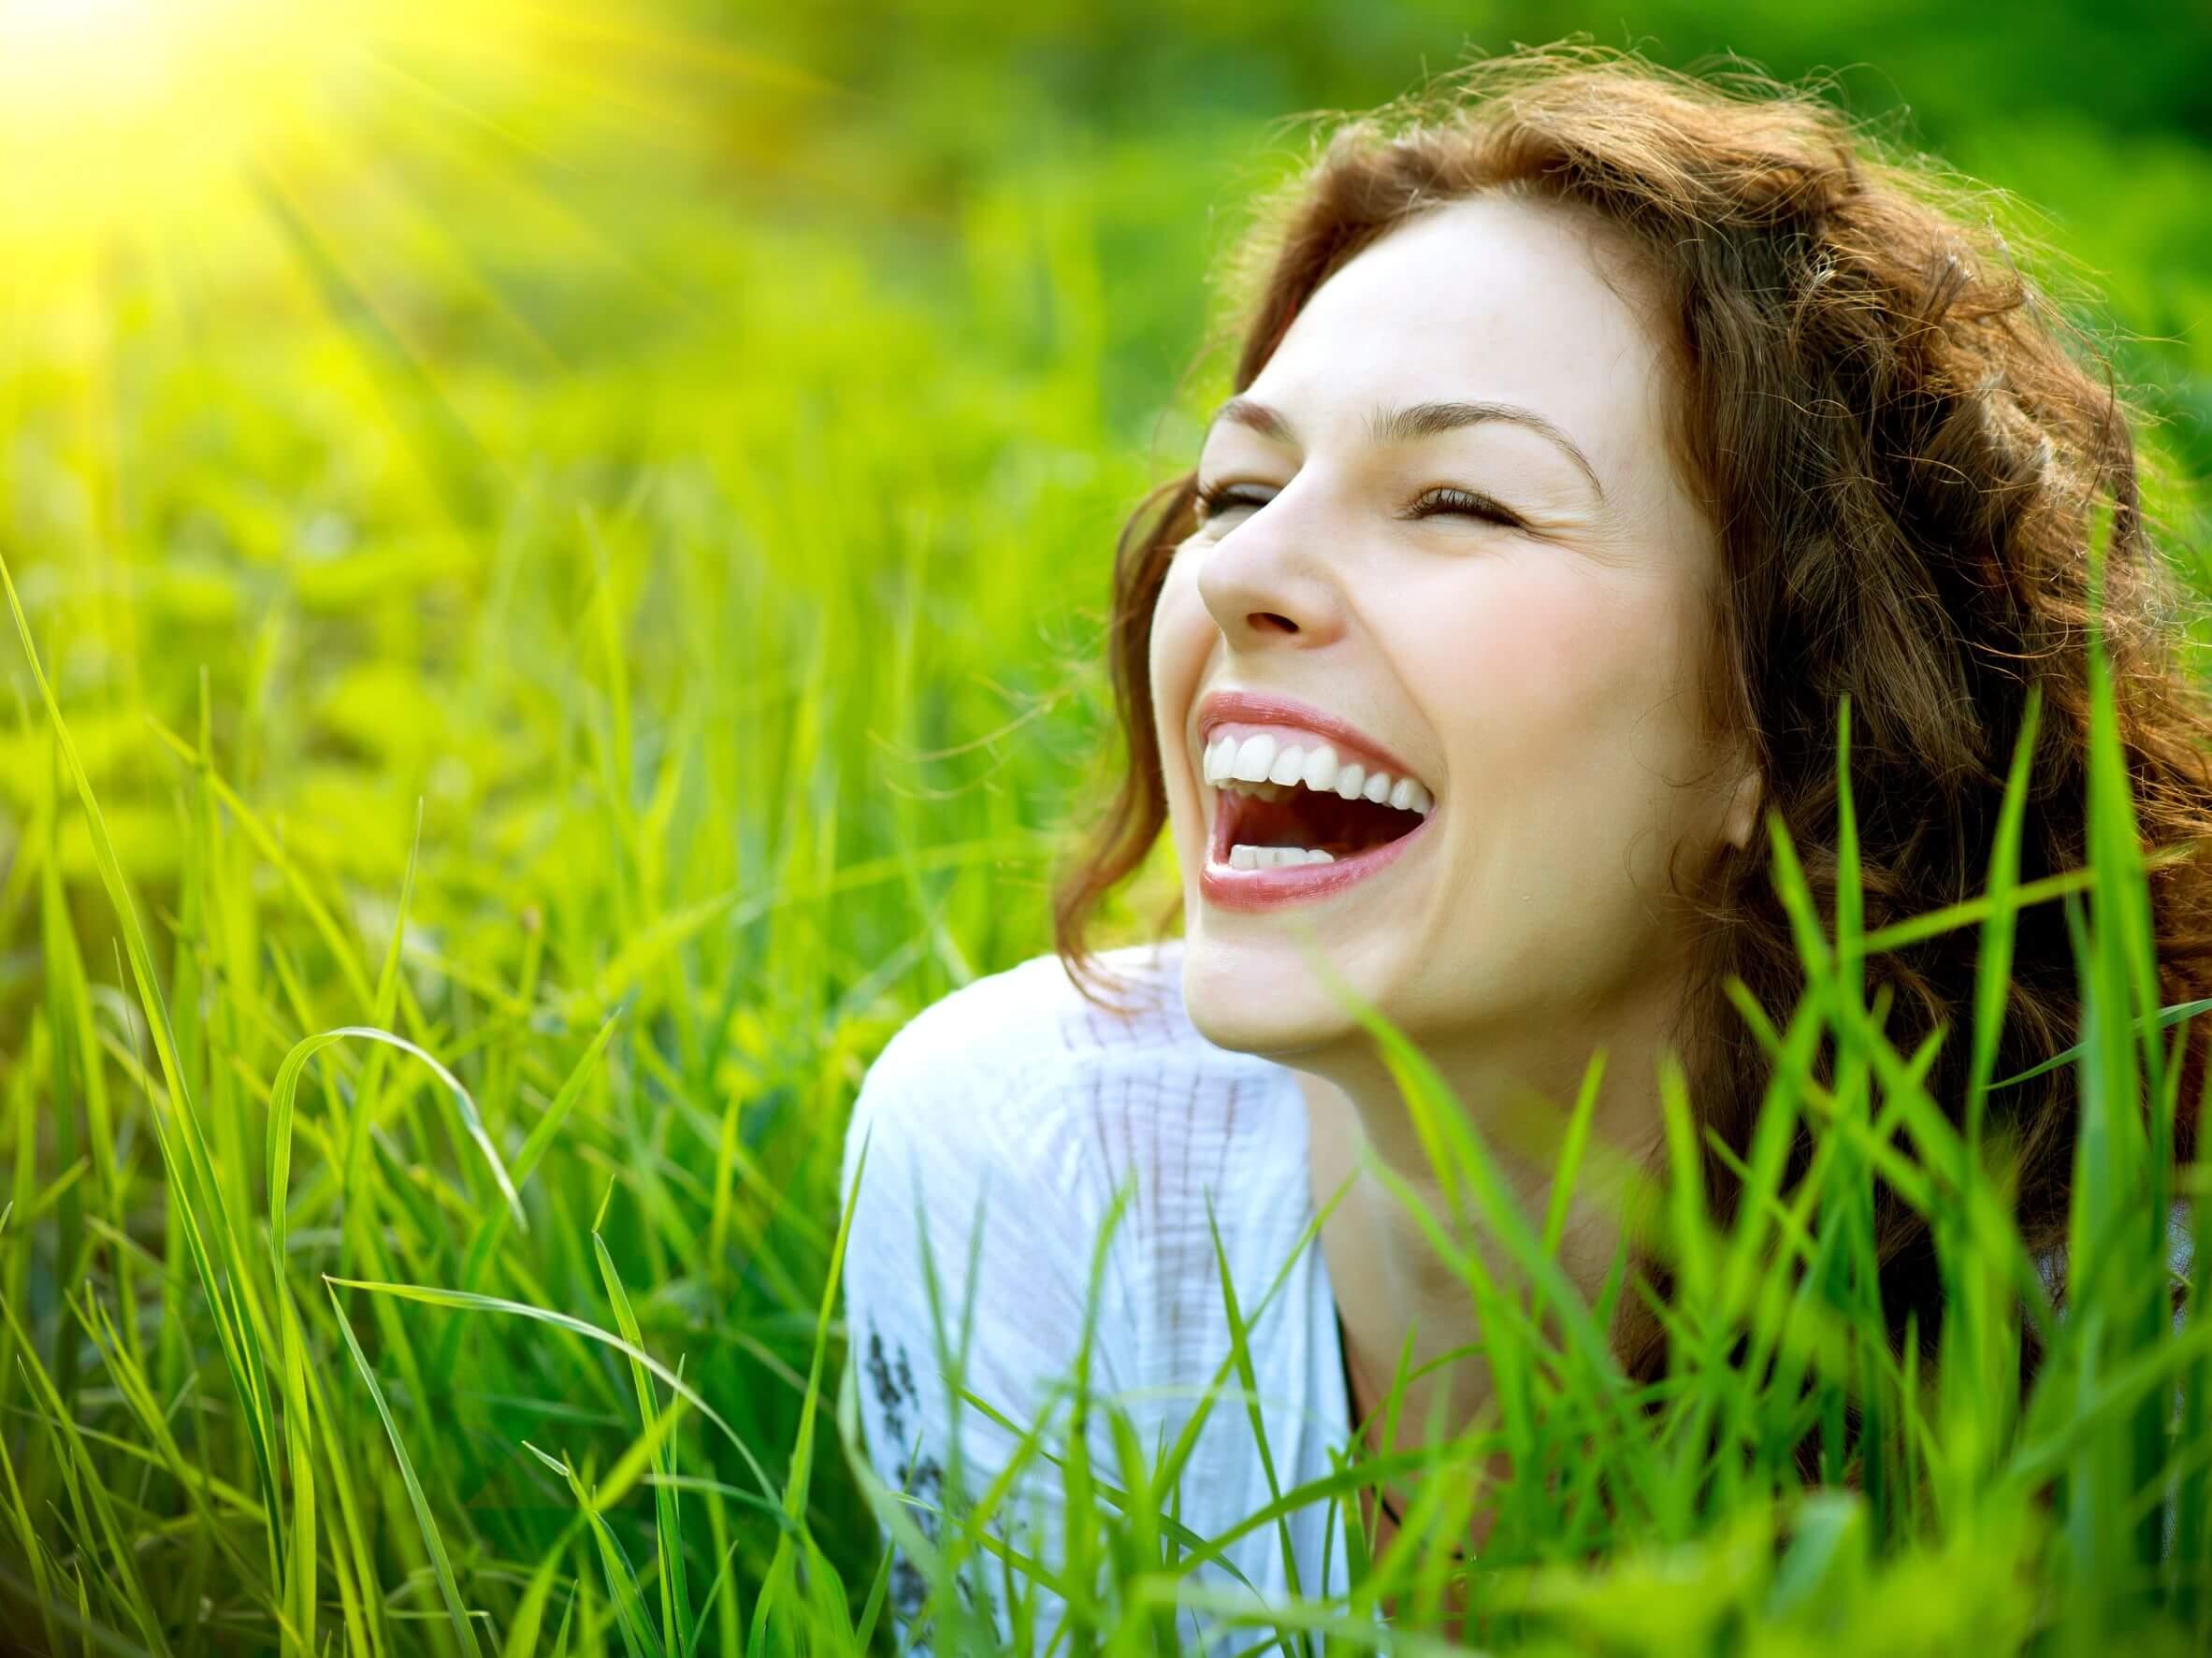 Los beneficios de reír son múltiples.